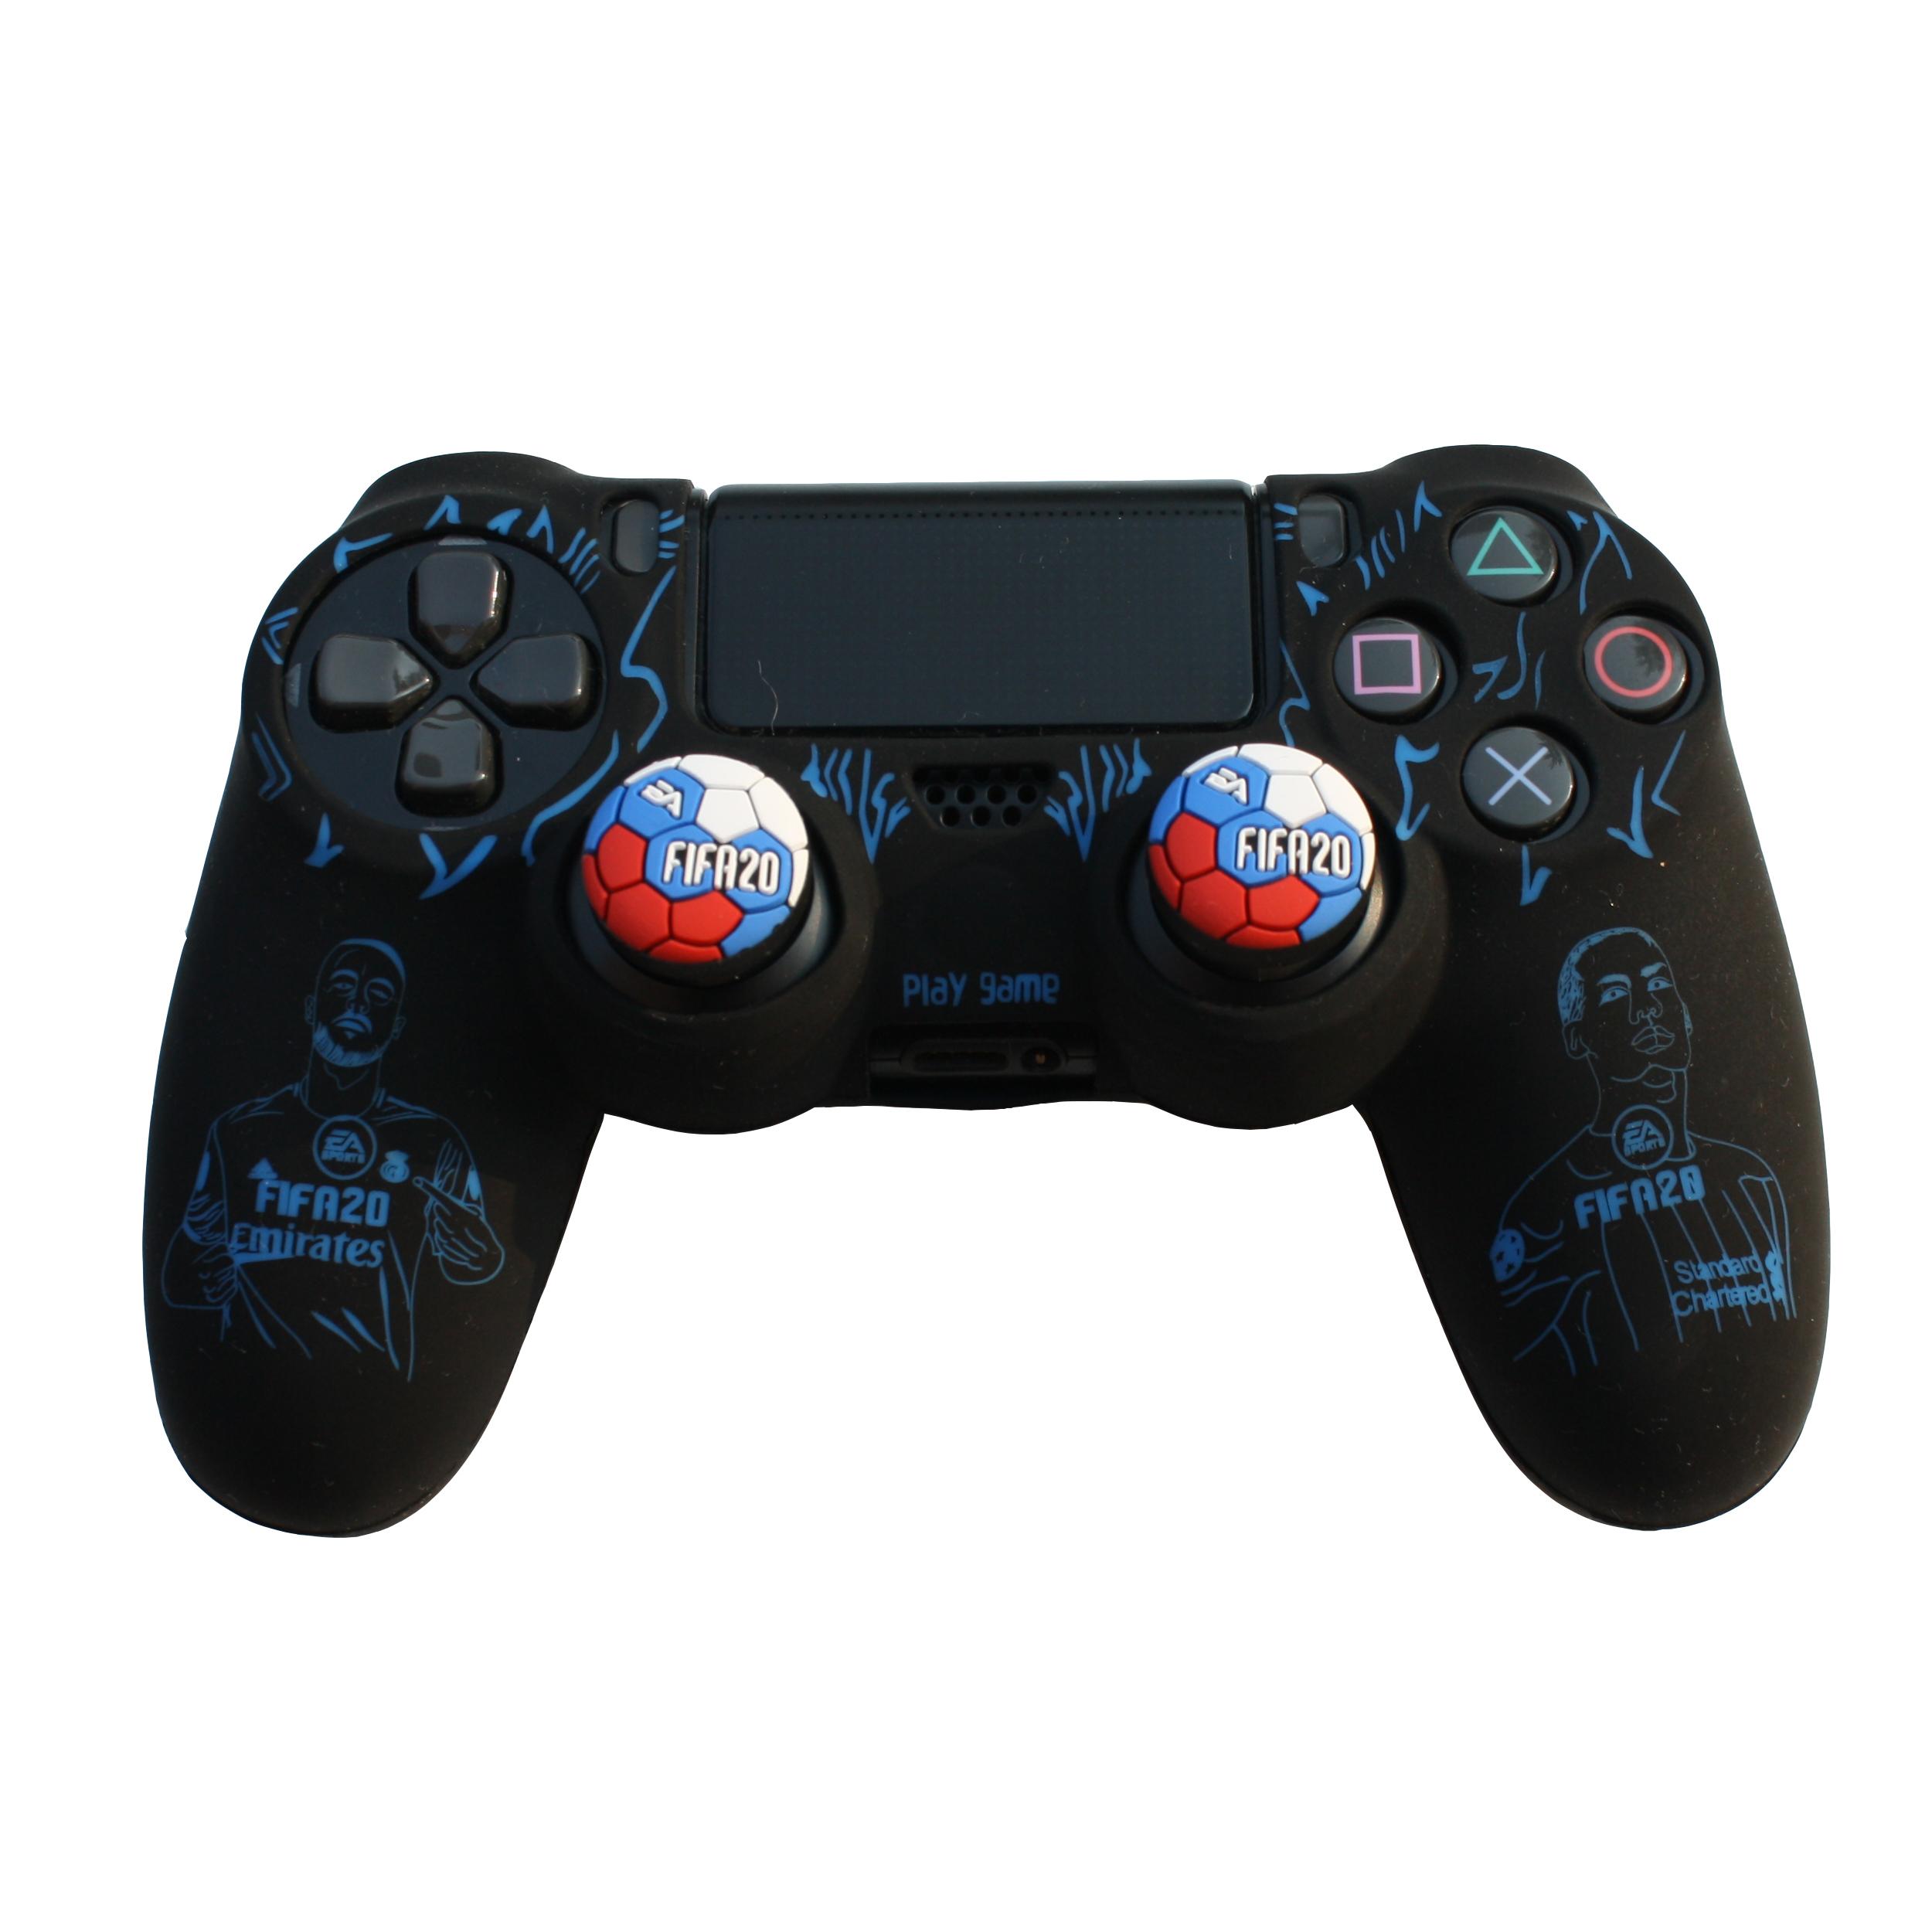 خرید اینترنتی محافظ دسته بازی پلی استیشن 4 مدل fifa 2020 کد 001 به همراه دو عدد روکش آنالوگ اورجینال